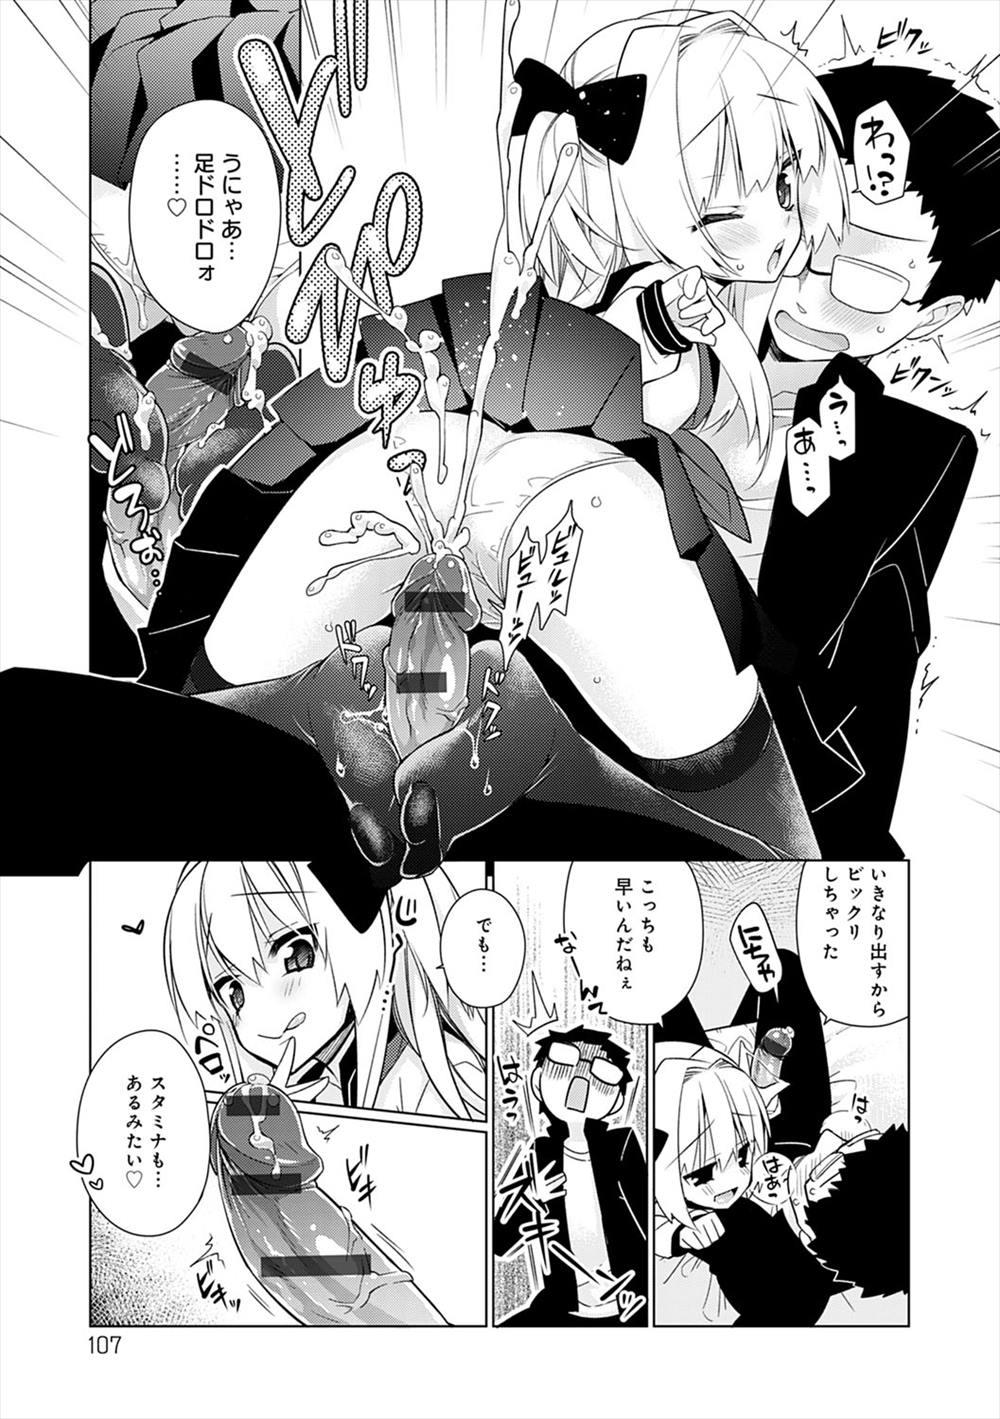 【エロ漫画】23歳ロリ体型がJKの制服を…メガネ男子見つけて制服ハメwww【ぎうにう:ロリごっこ】